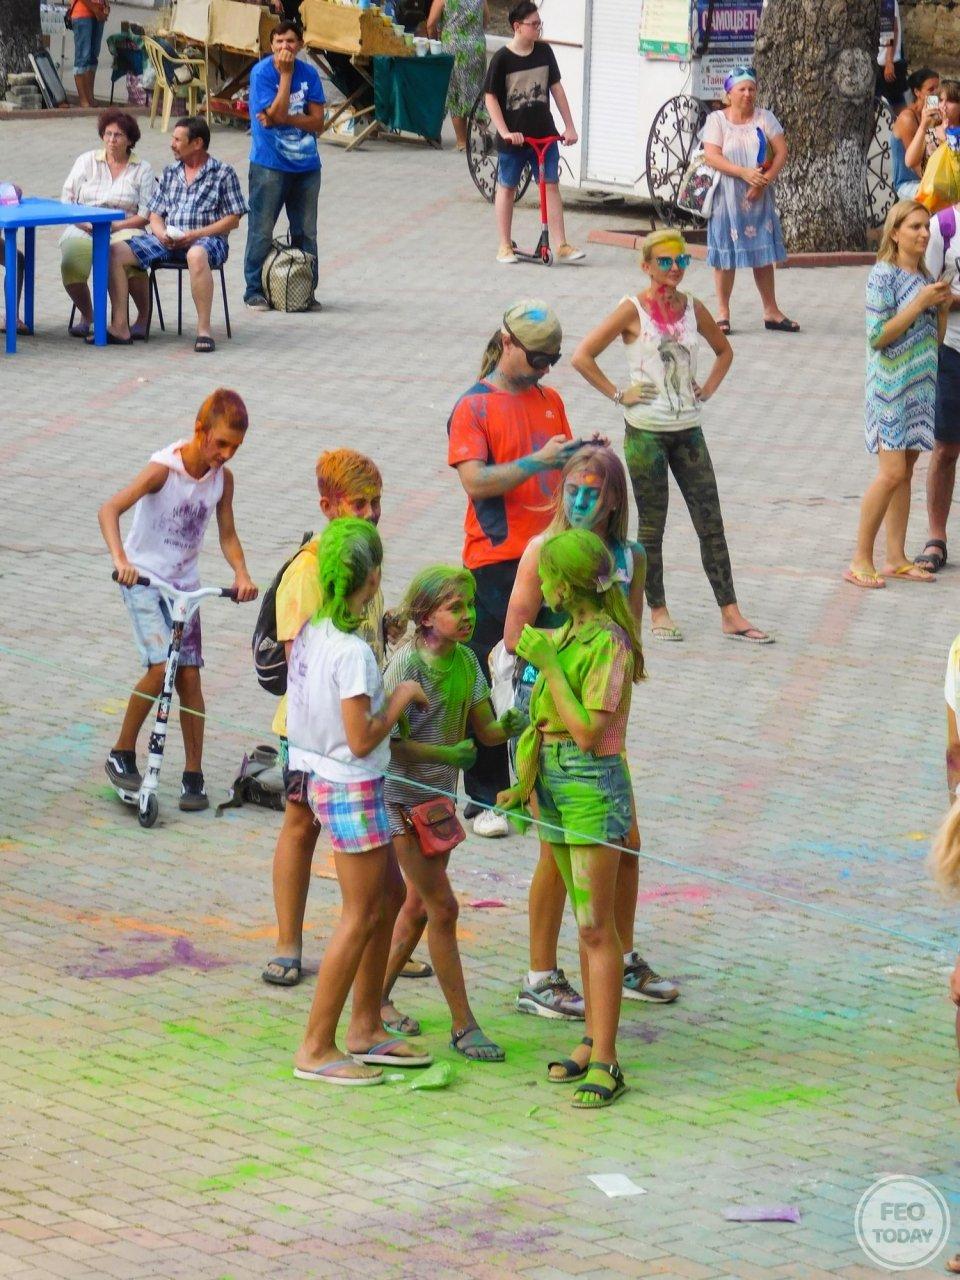 Фото фестиваля красок Холи на 200-летие Айвазовского #1706